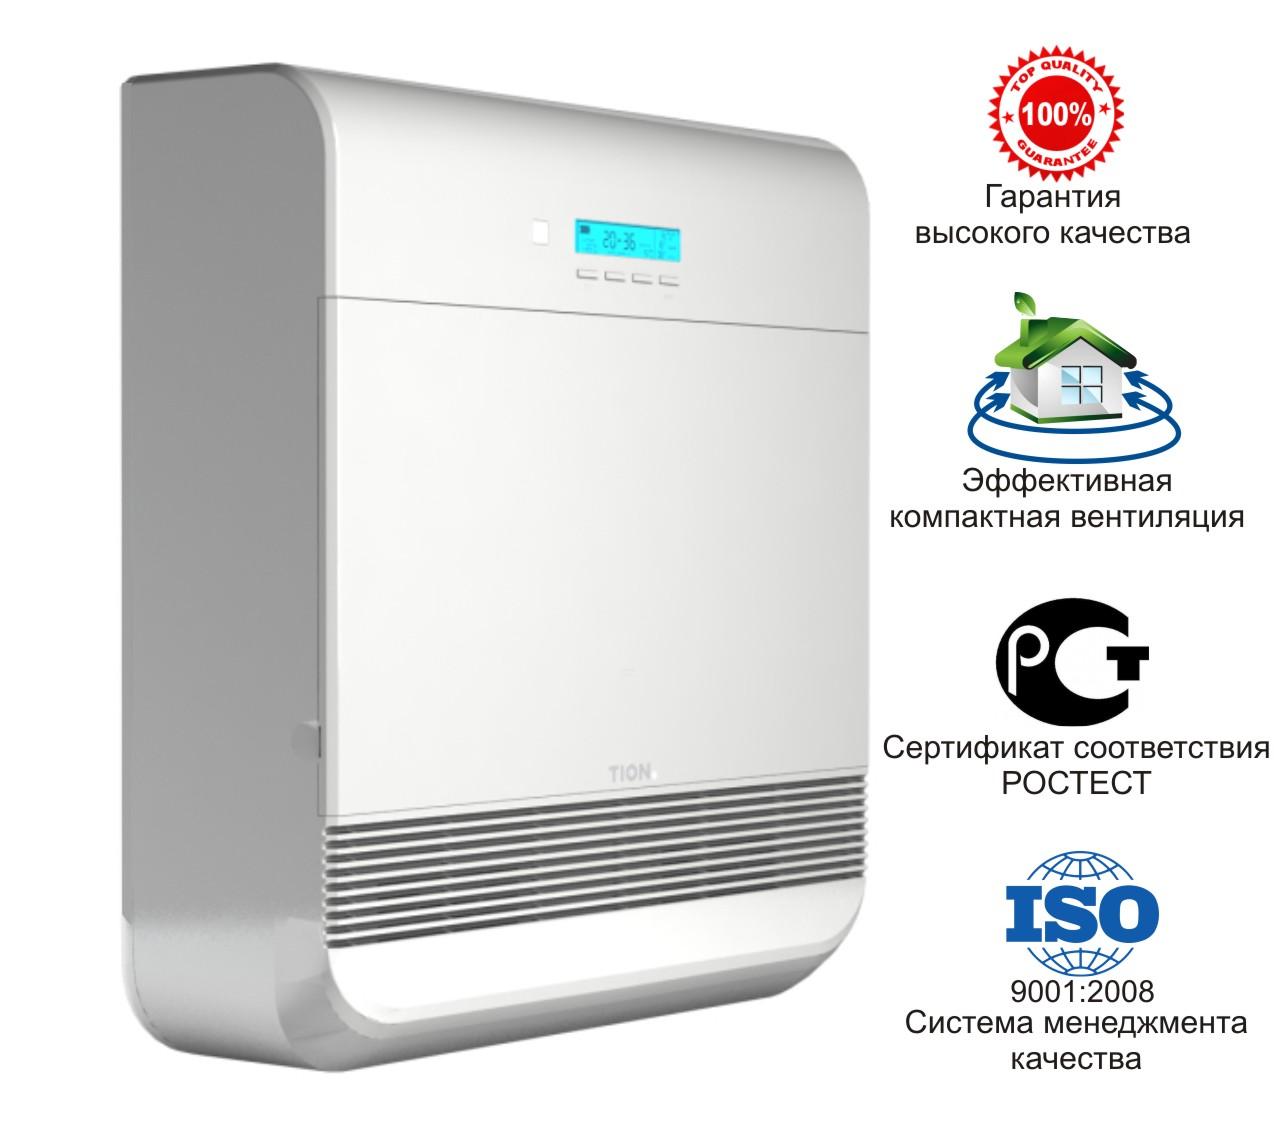 Приточная вентиляция в квартире с фильтрацией и подогревом воздуха: ремонт и установка